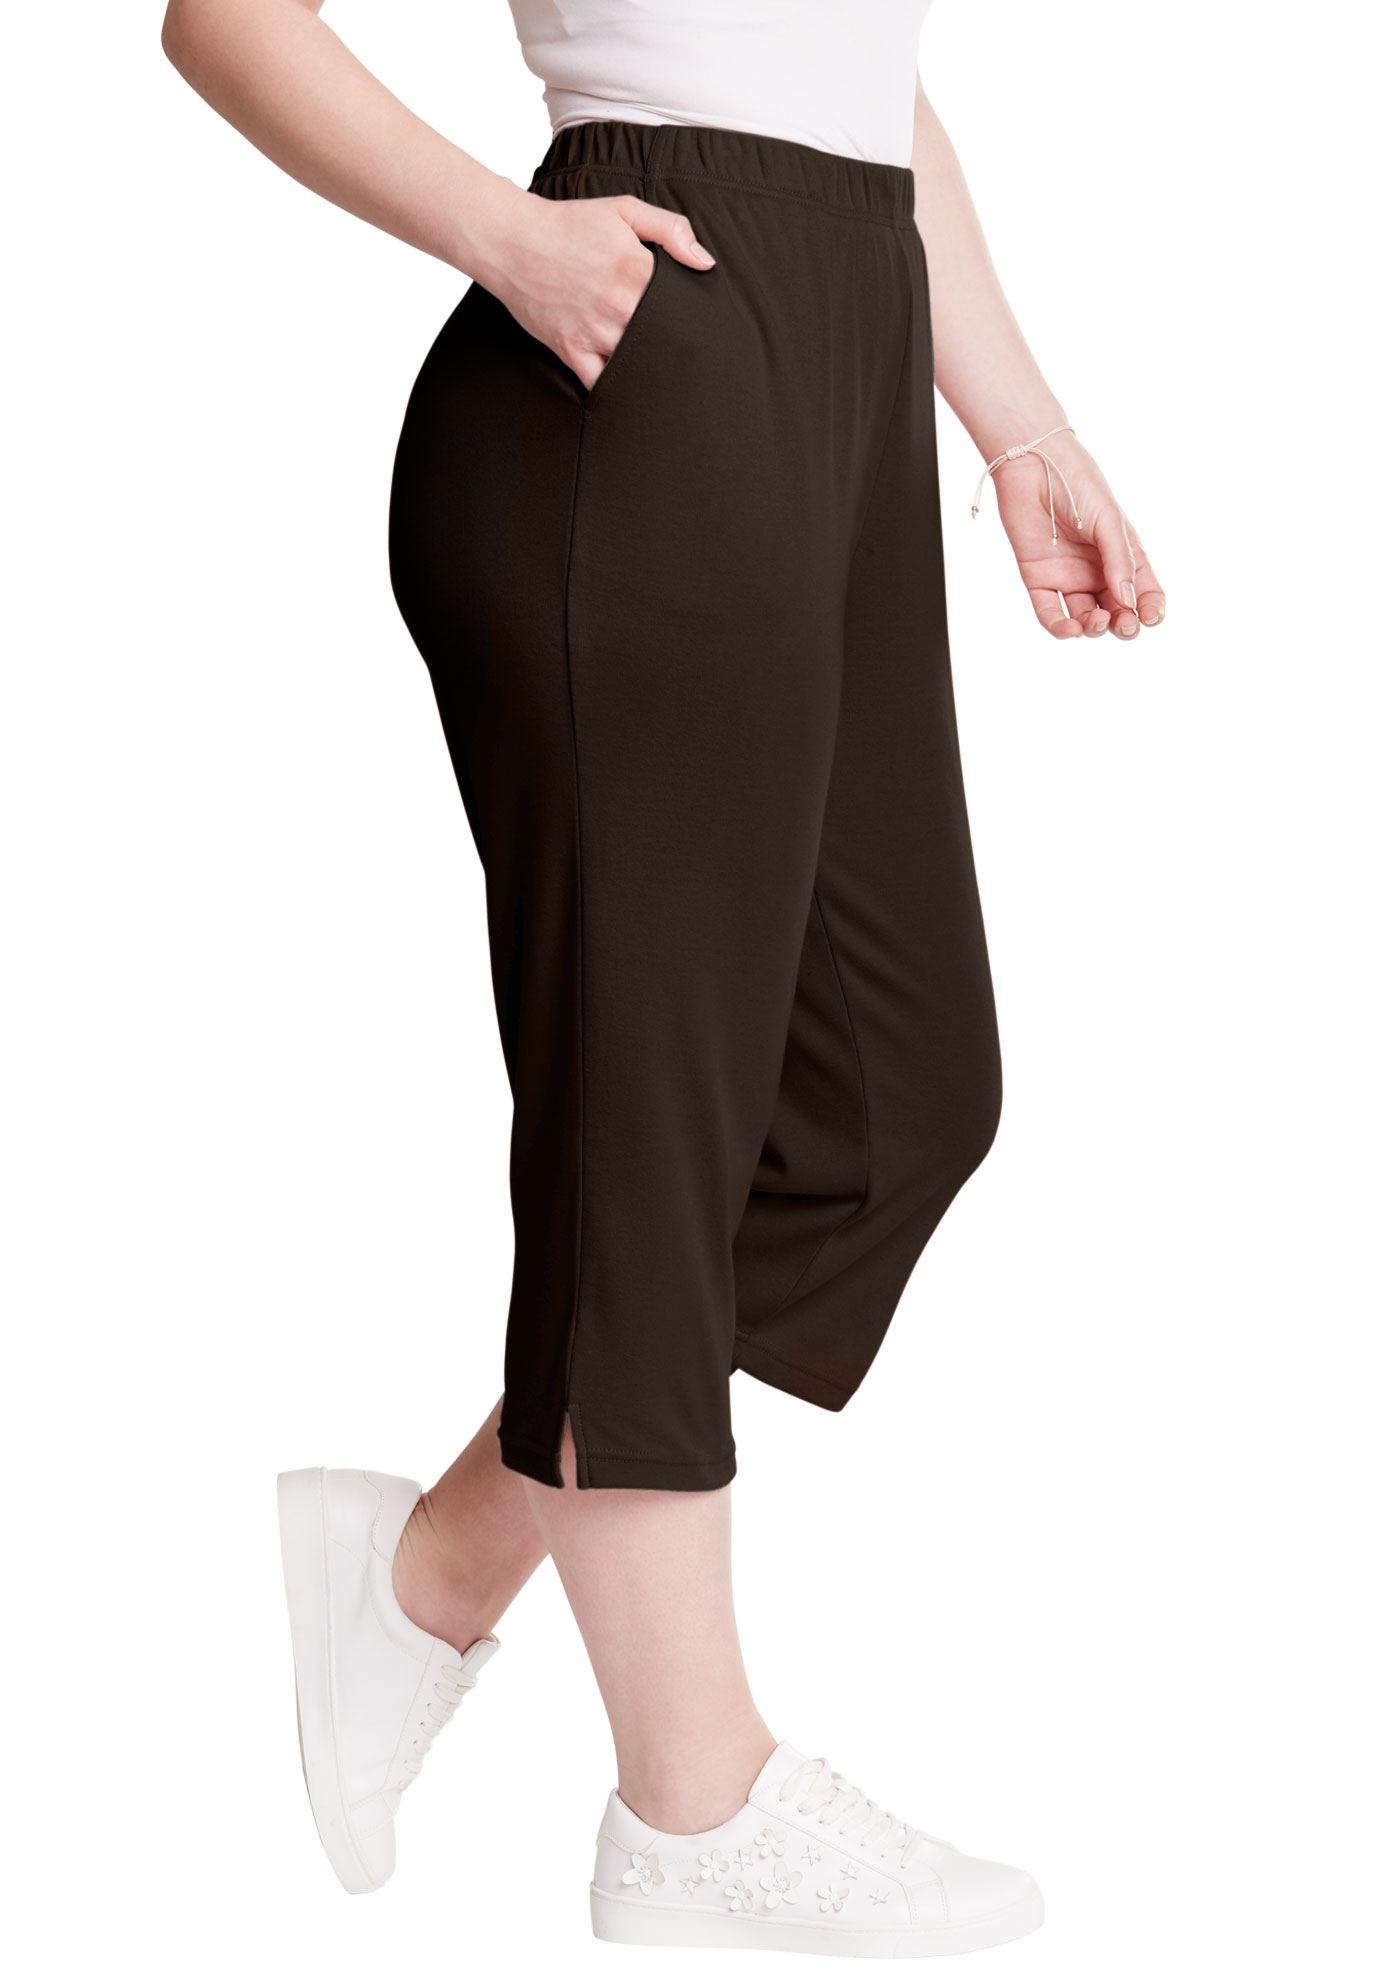 Roaman's Plus Size Petite Soft Knit Capri Pant